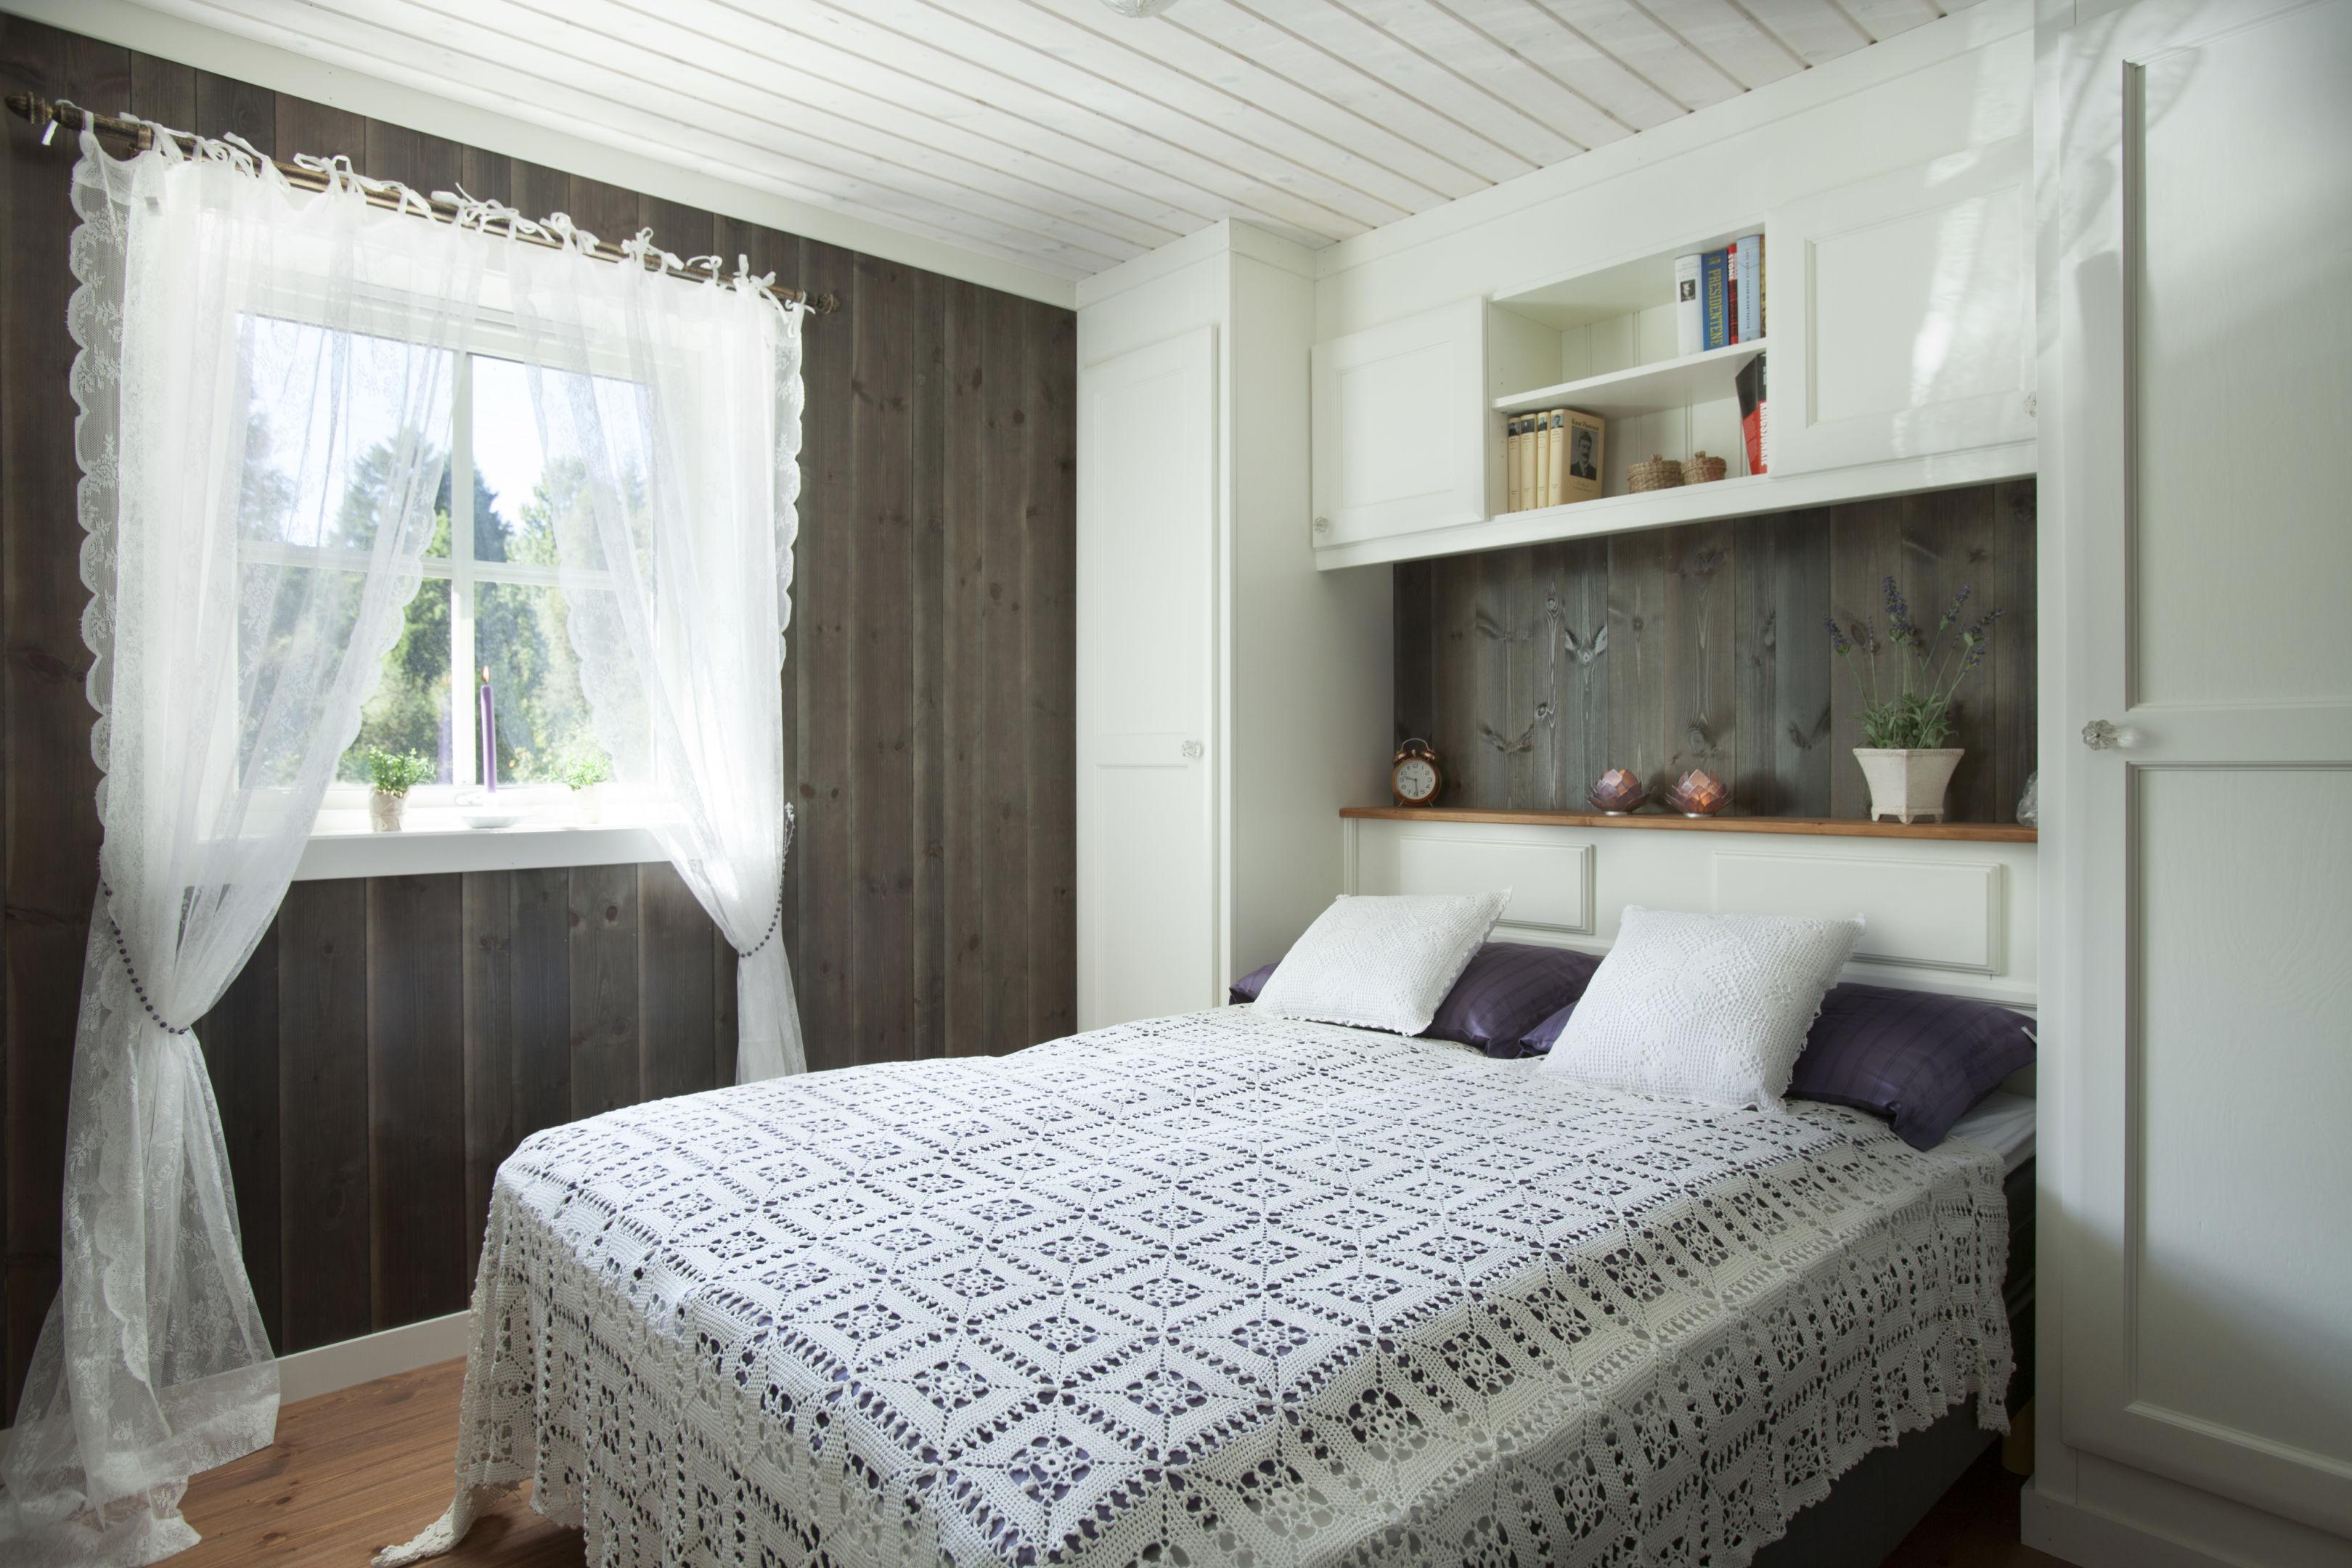 Foreldresoverom med integrert nattbord i hodegavel levert Tjodalyng, Larvik. Skapene tilpasses etter høyde og bredde